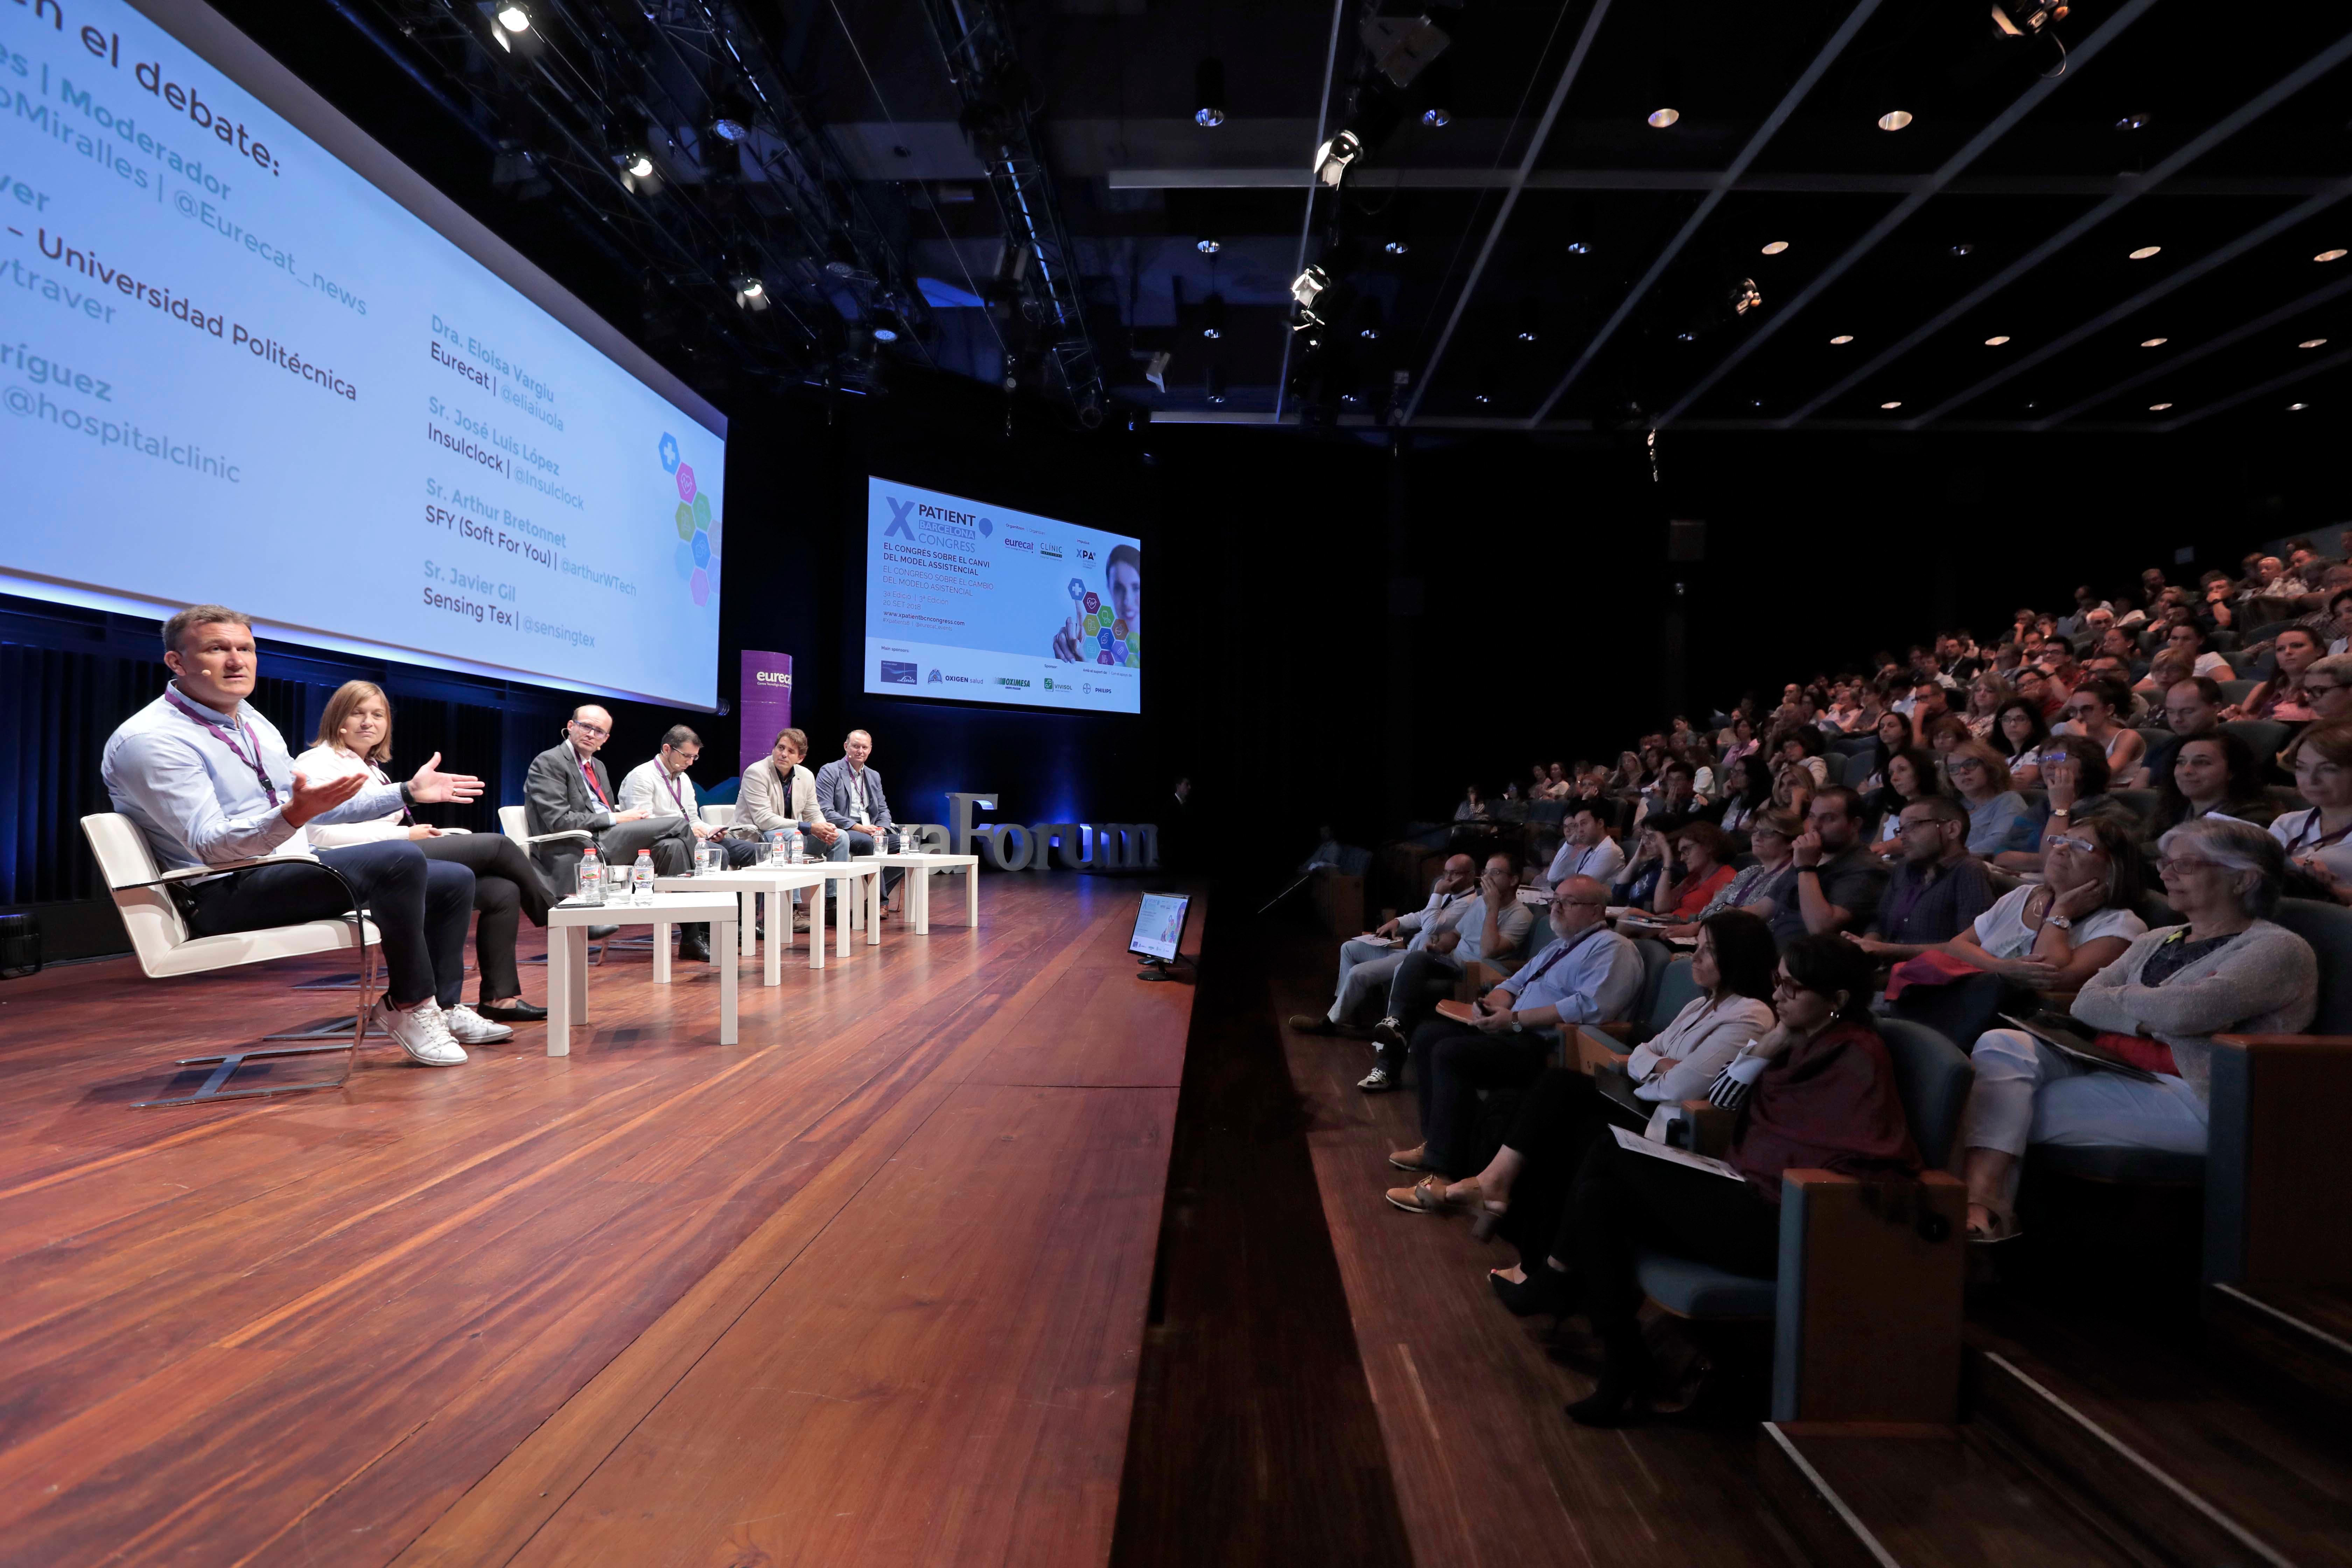 El XPatient Congress Barcelona aumenta la participación del paciente en el diseño de nuevos servicios y tecnologías en el ámbito sanitario